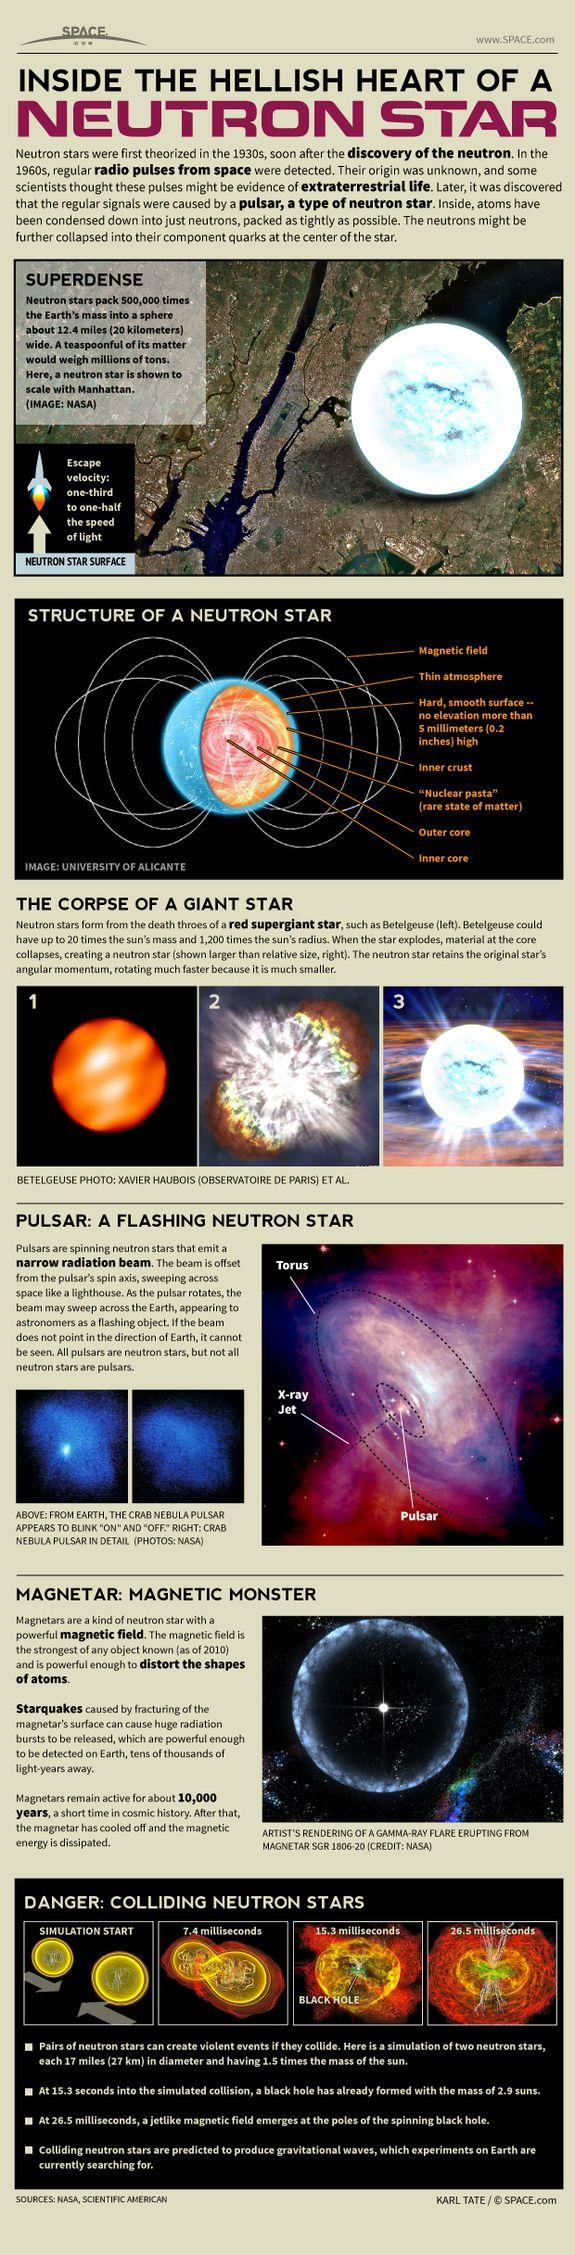 Structure of a neutron star! ASER CORTO DE ENERGIA FEDERACION NACION X NACION TIERRA SACAR LA PLANTA DE ALTAPOTENCIA ASER CORTO GALAXI PLANETA JUPITER CABLS CON CADA COLOR DESECHUBAR INTERNET DEL INVIERNO Y BASE DE TARIMA DE EJE CUERP O ORGANOS DIF PRECIDECCIDENCAI CAMION CARGA BBBATERIAS Y VOLTAGES APAGAR VIA ELETICO